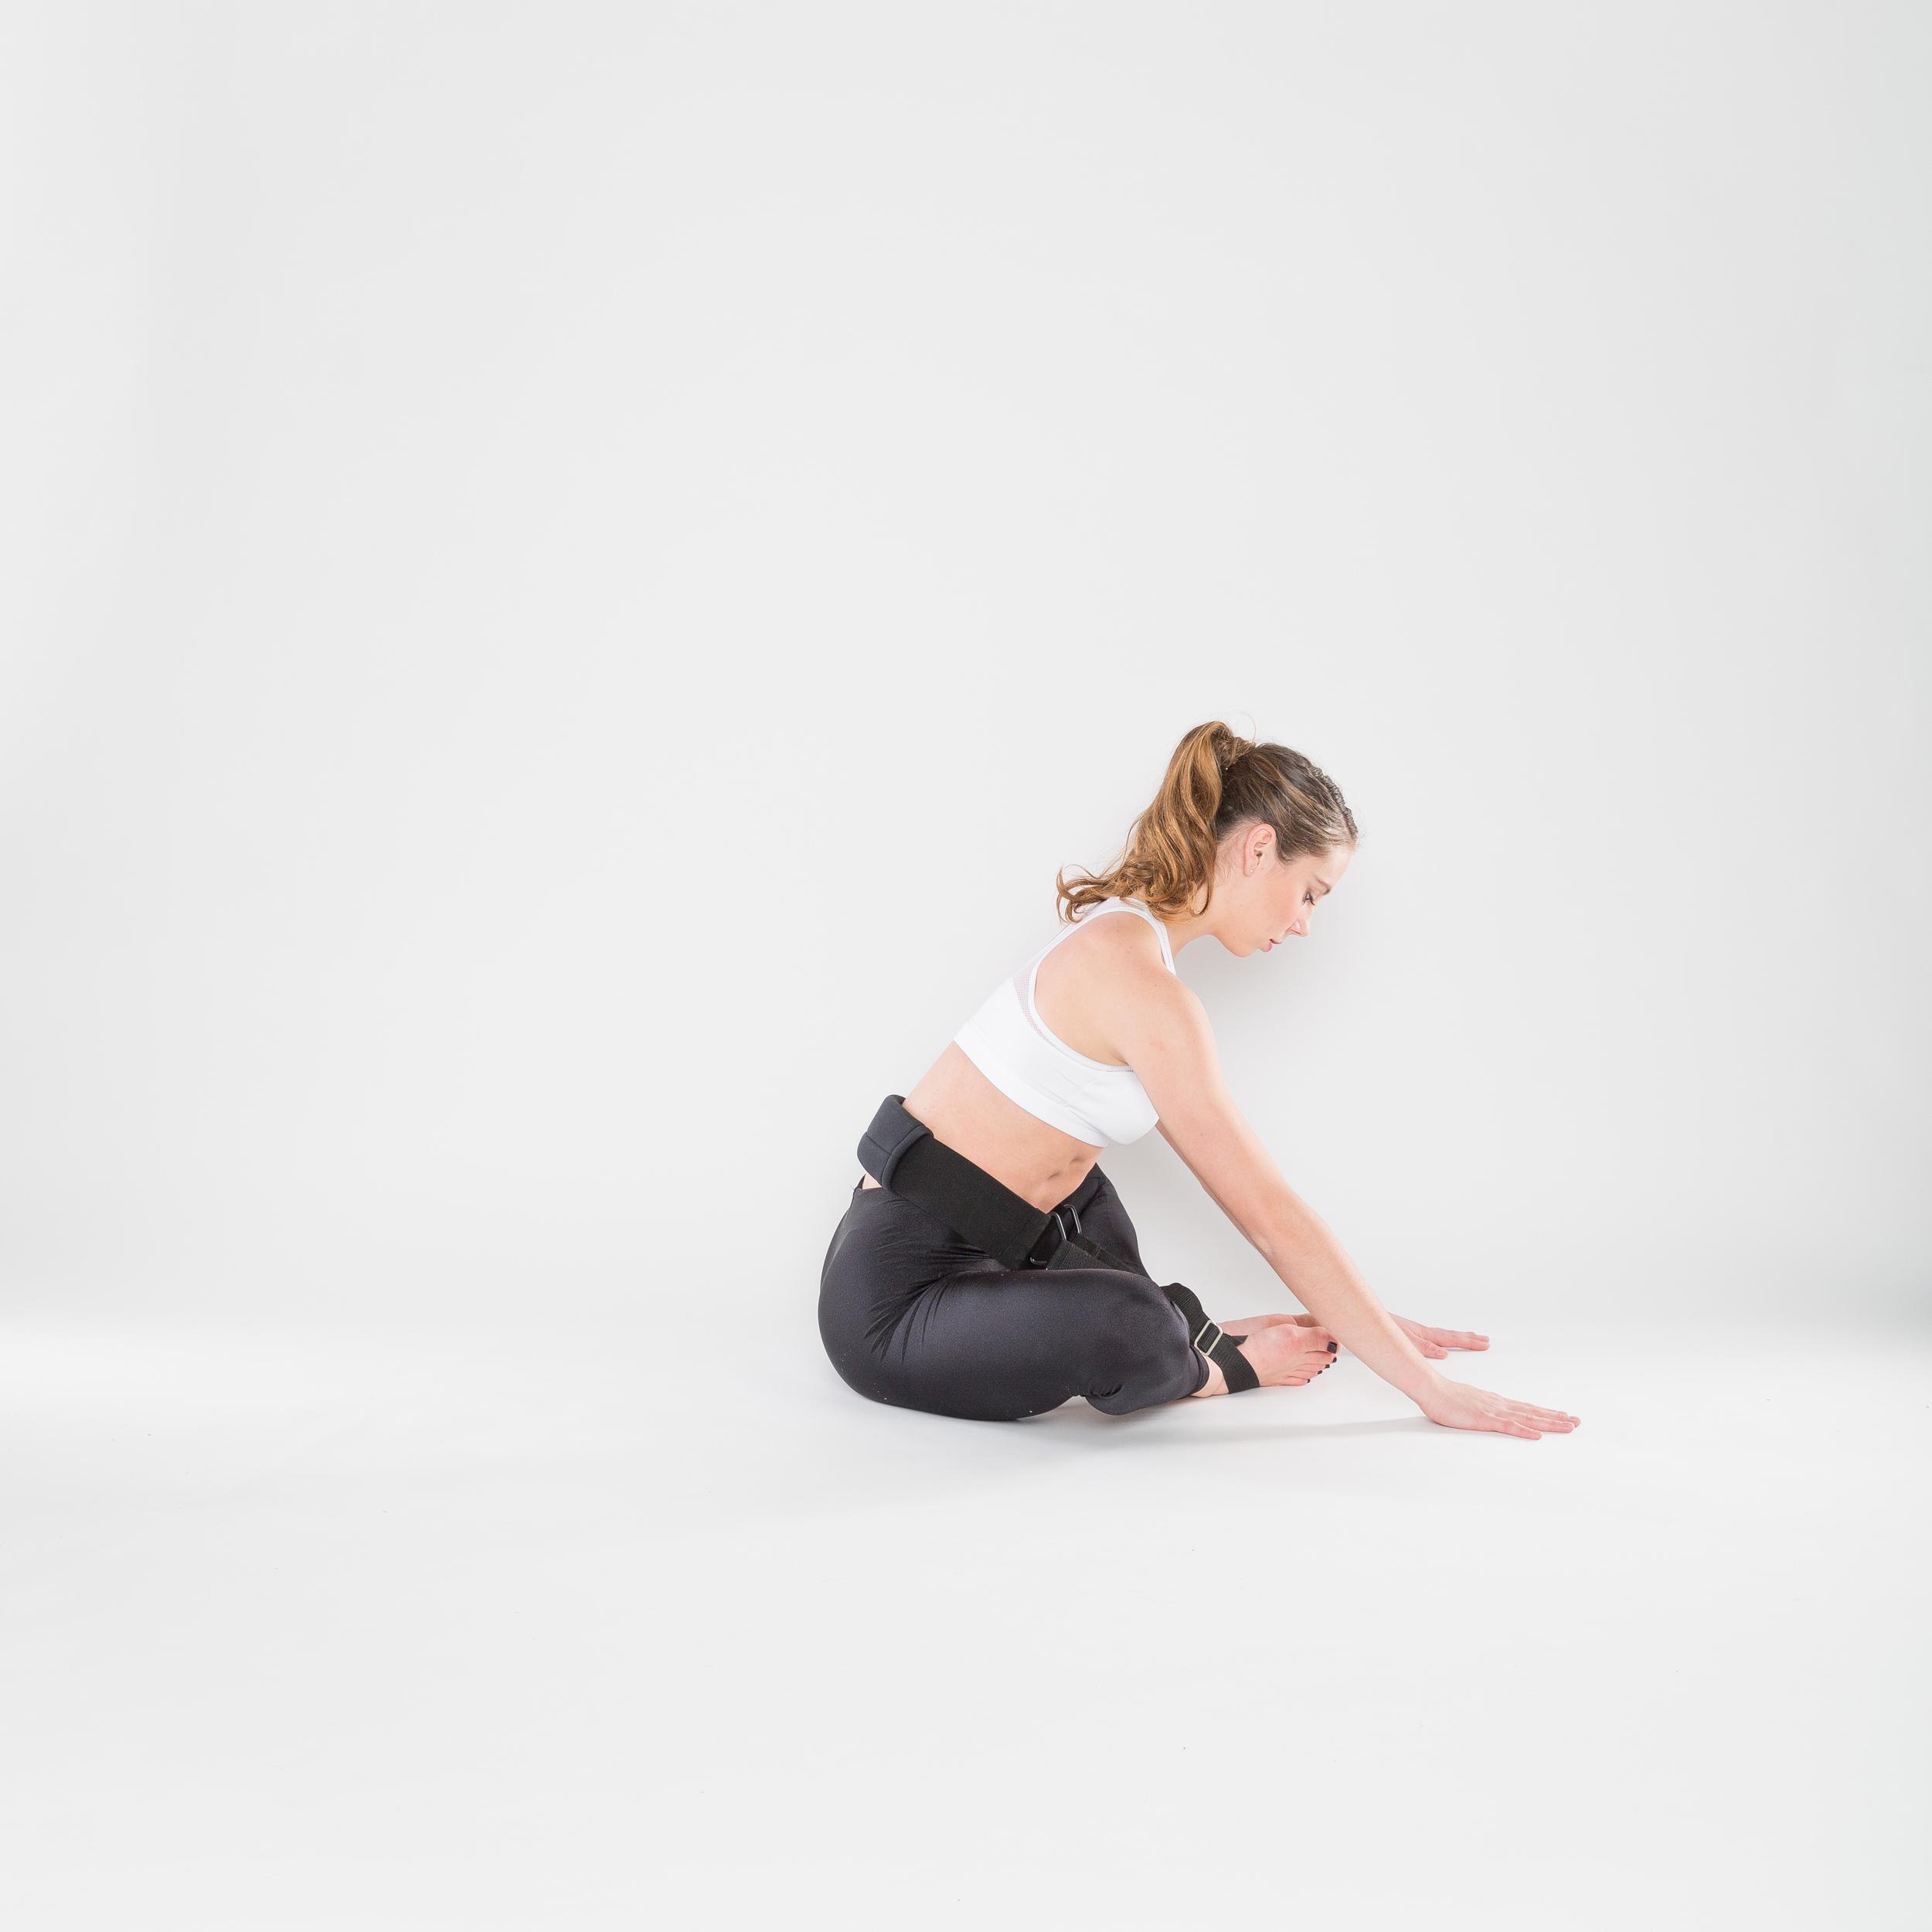 FLX_Yoga_Holtz-131.jpg